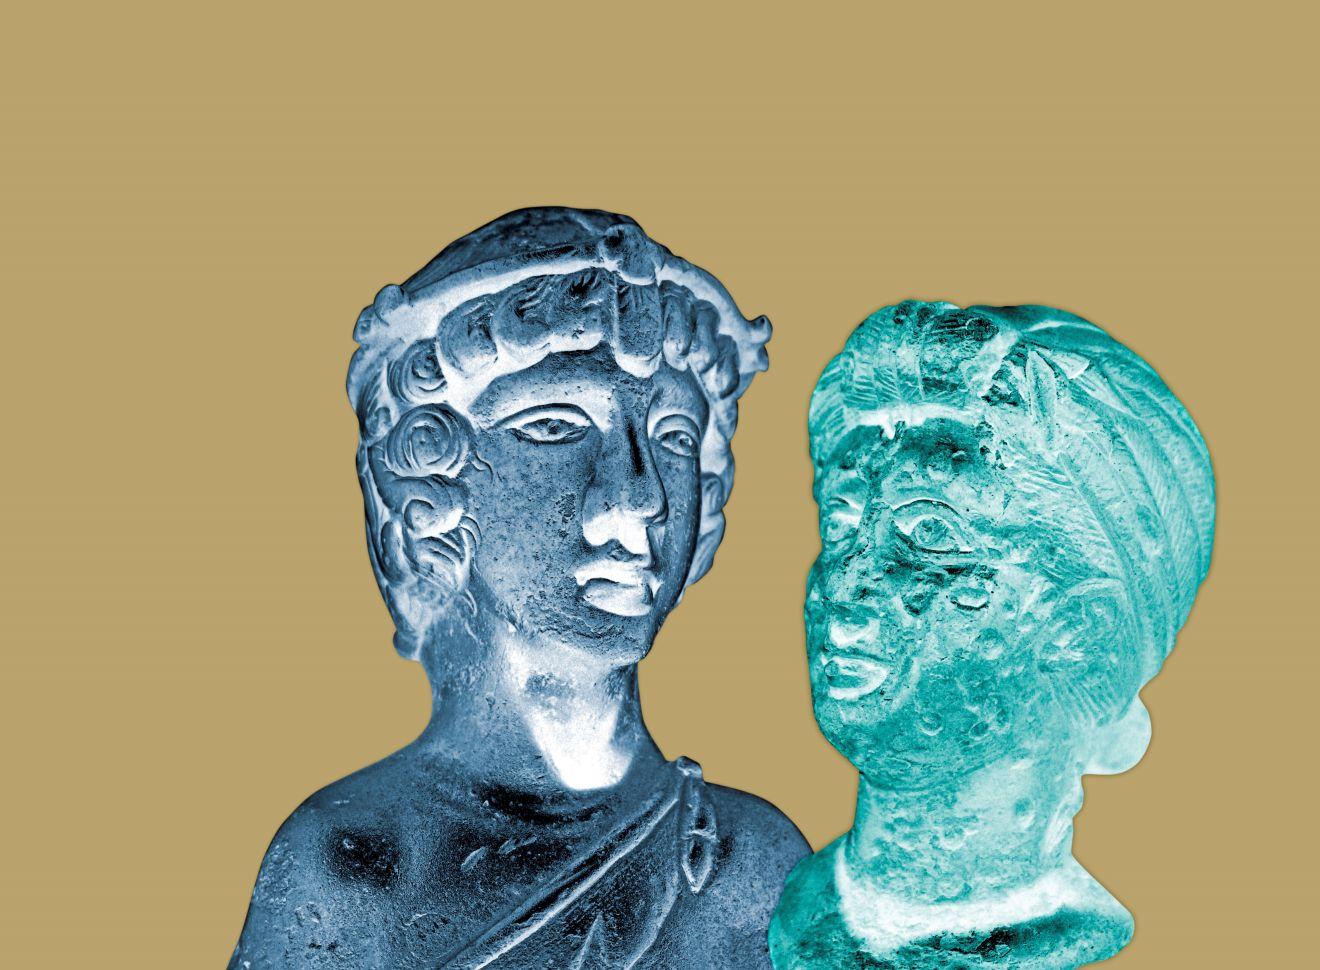 Titelmotiv mit zwei digital bearbeiteten römischen Büsten